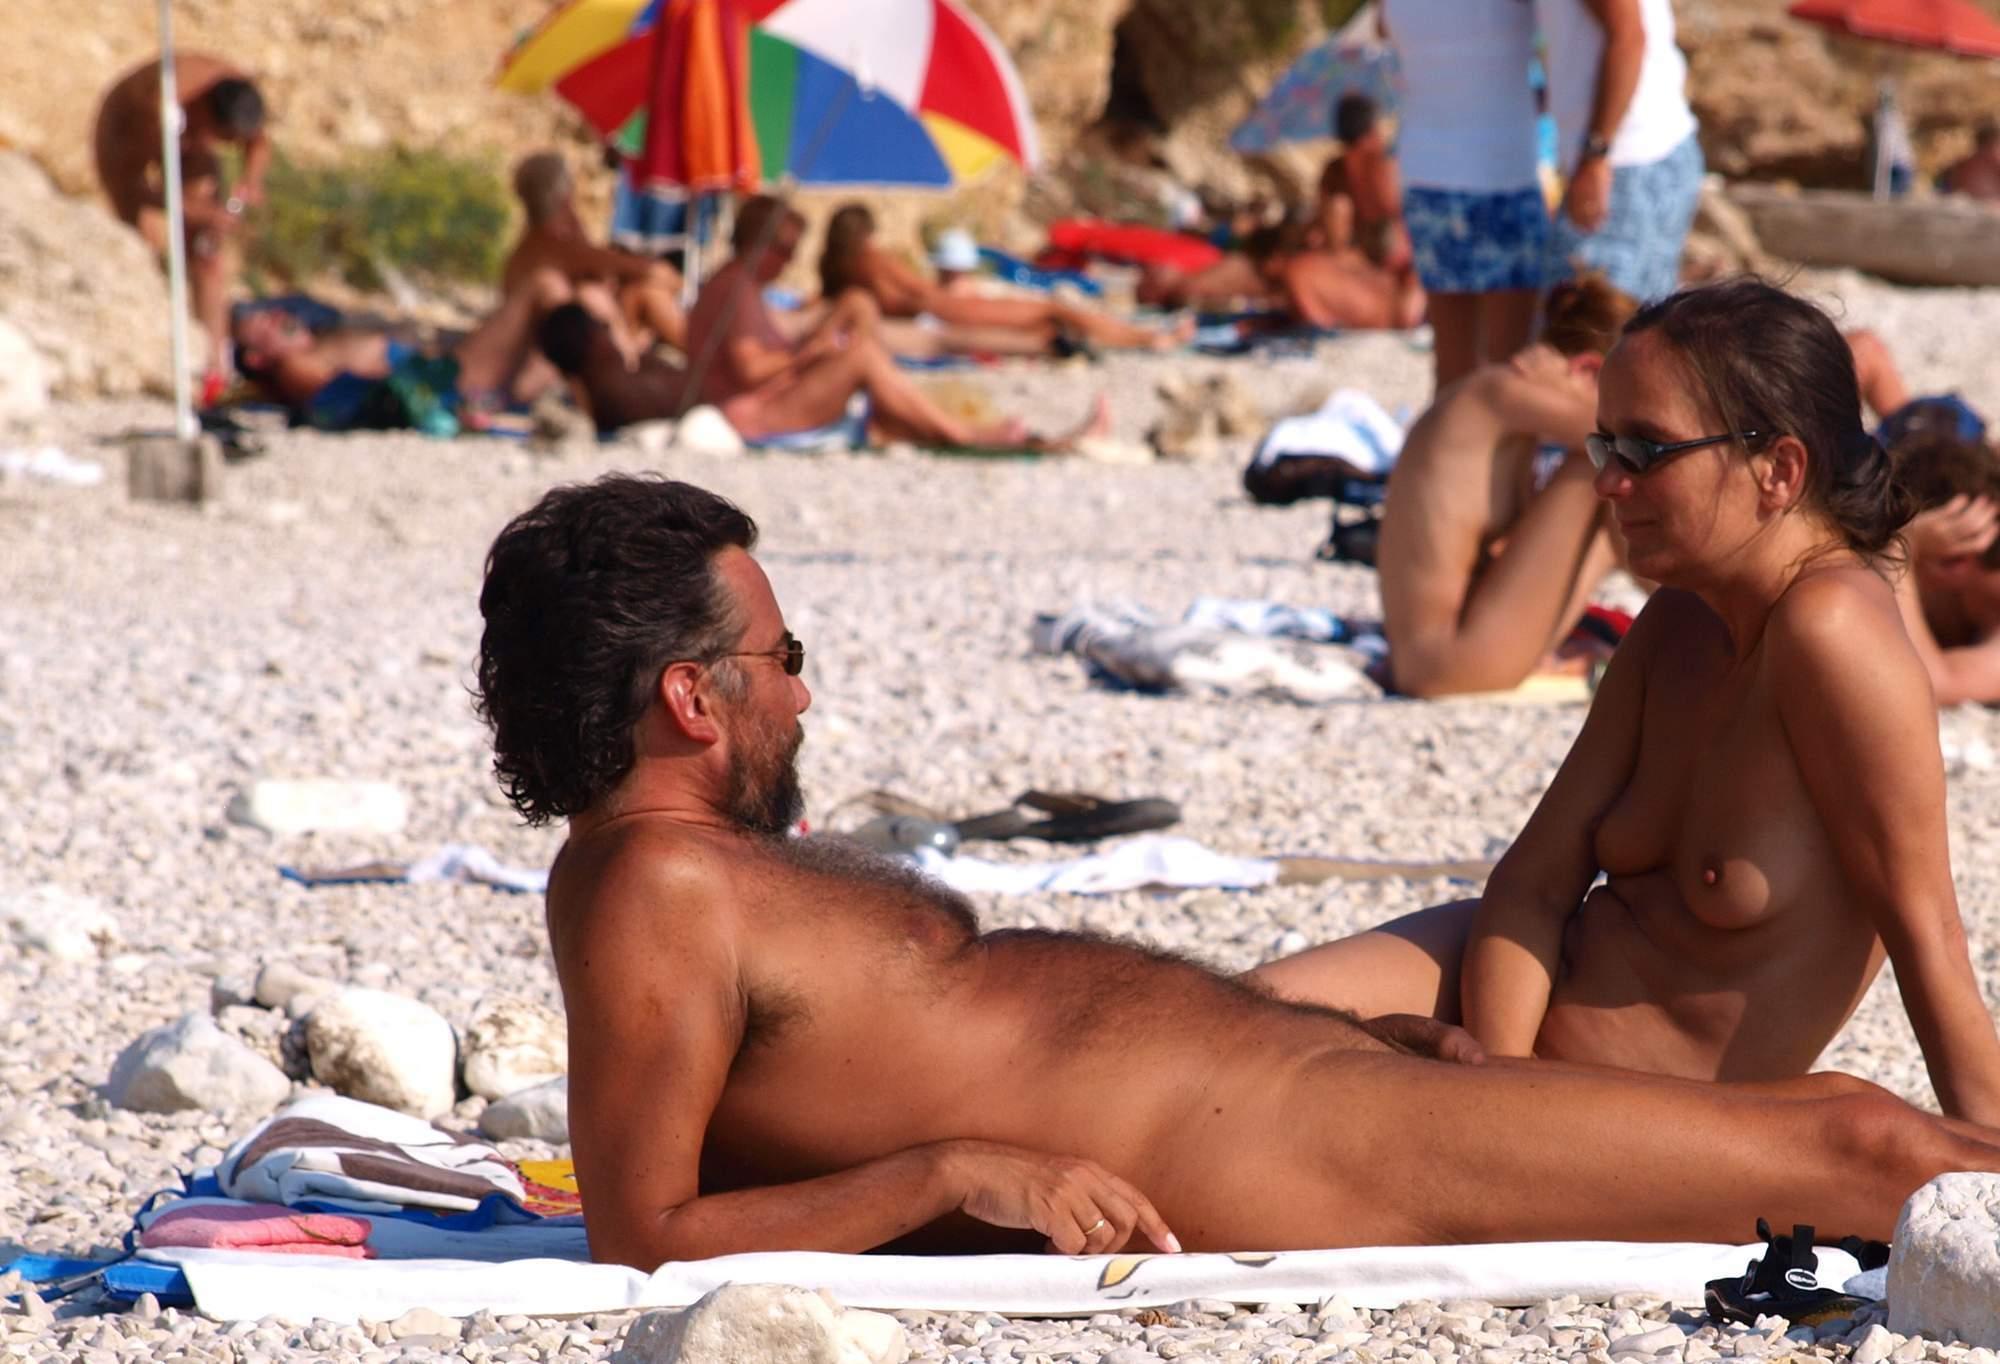 luchshie-nudistskie-plyazhi